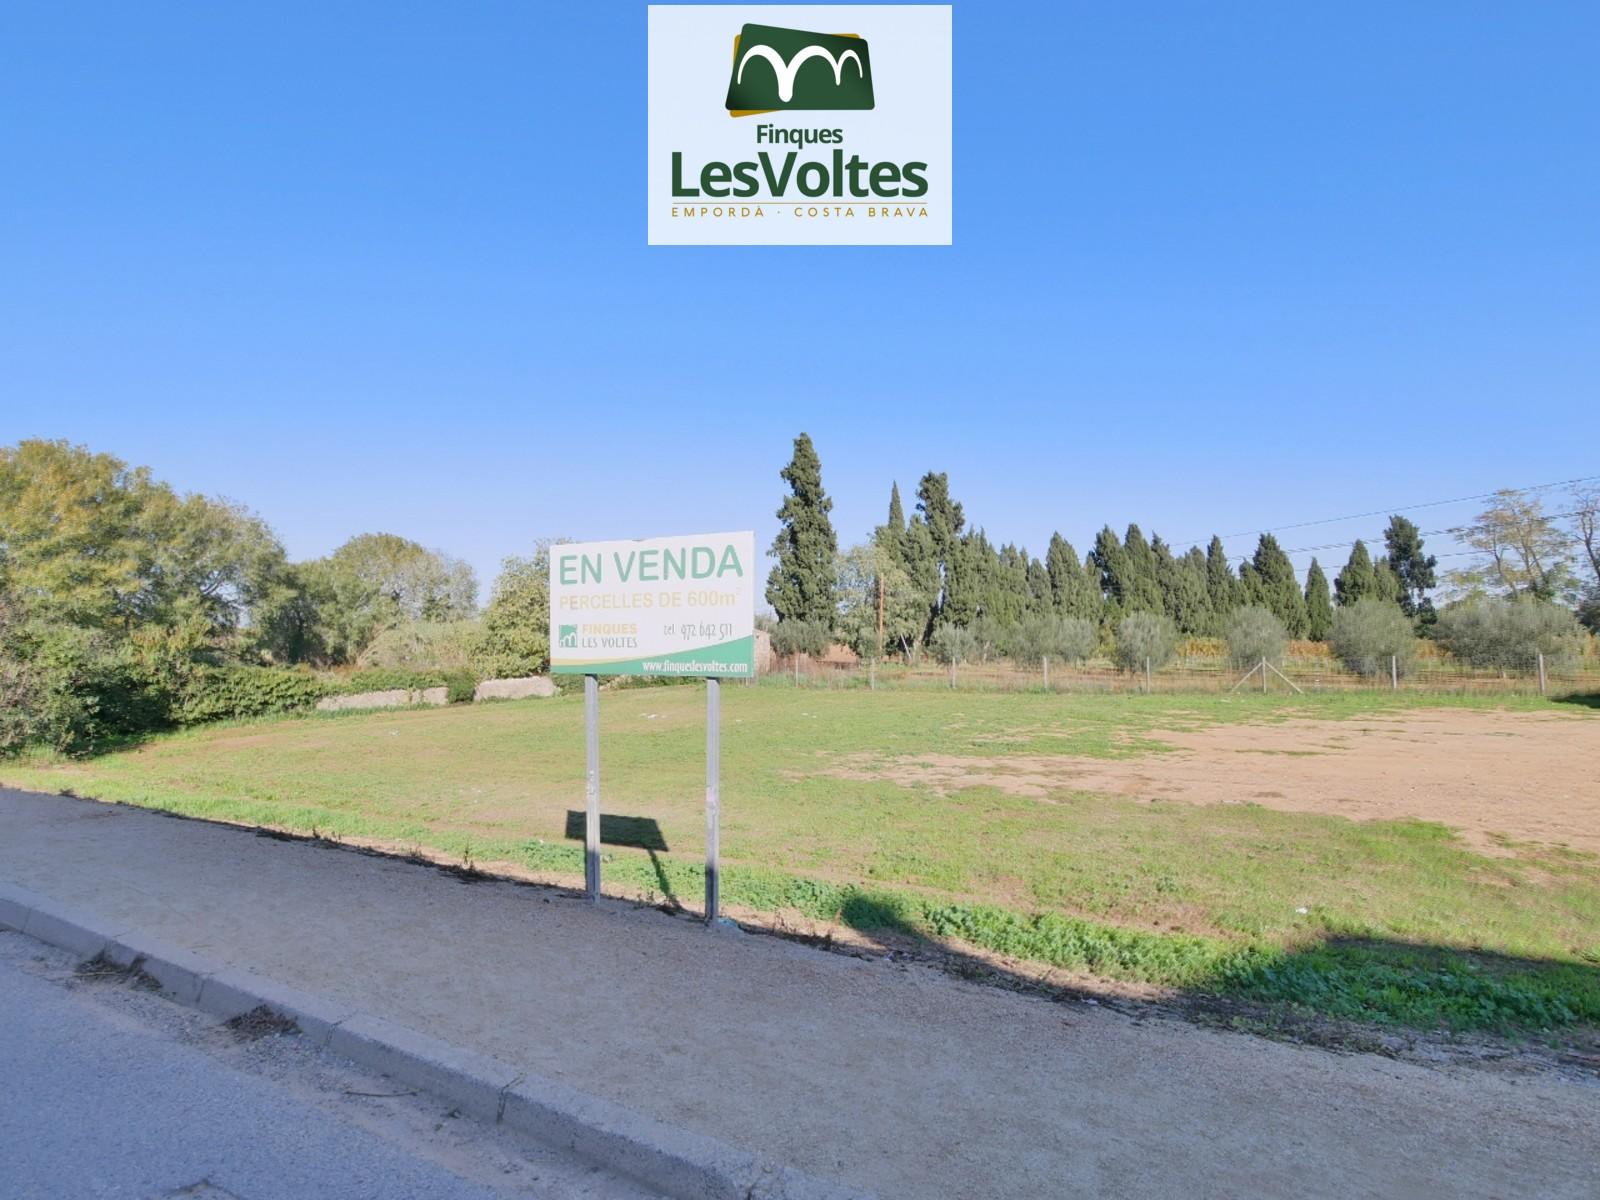 Magnífica parcel·la en venda a Fonteta 700 m2 totalment plana i amb tots els serveis.